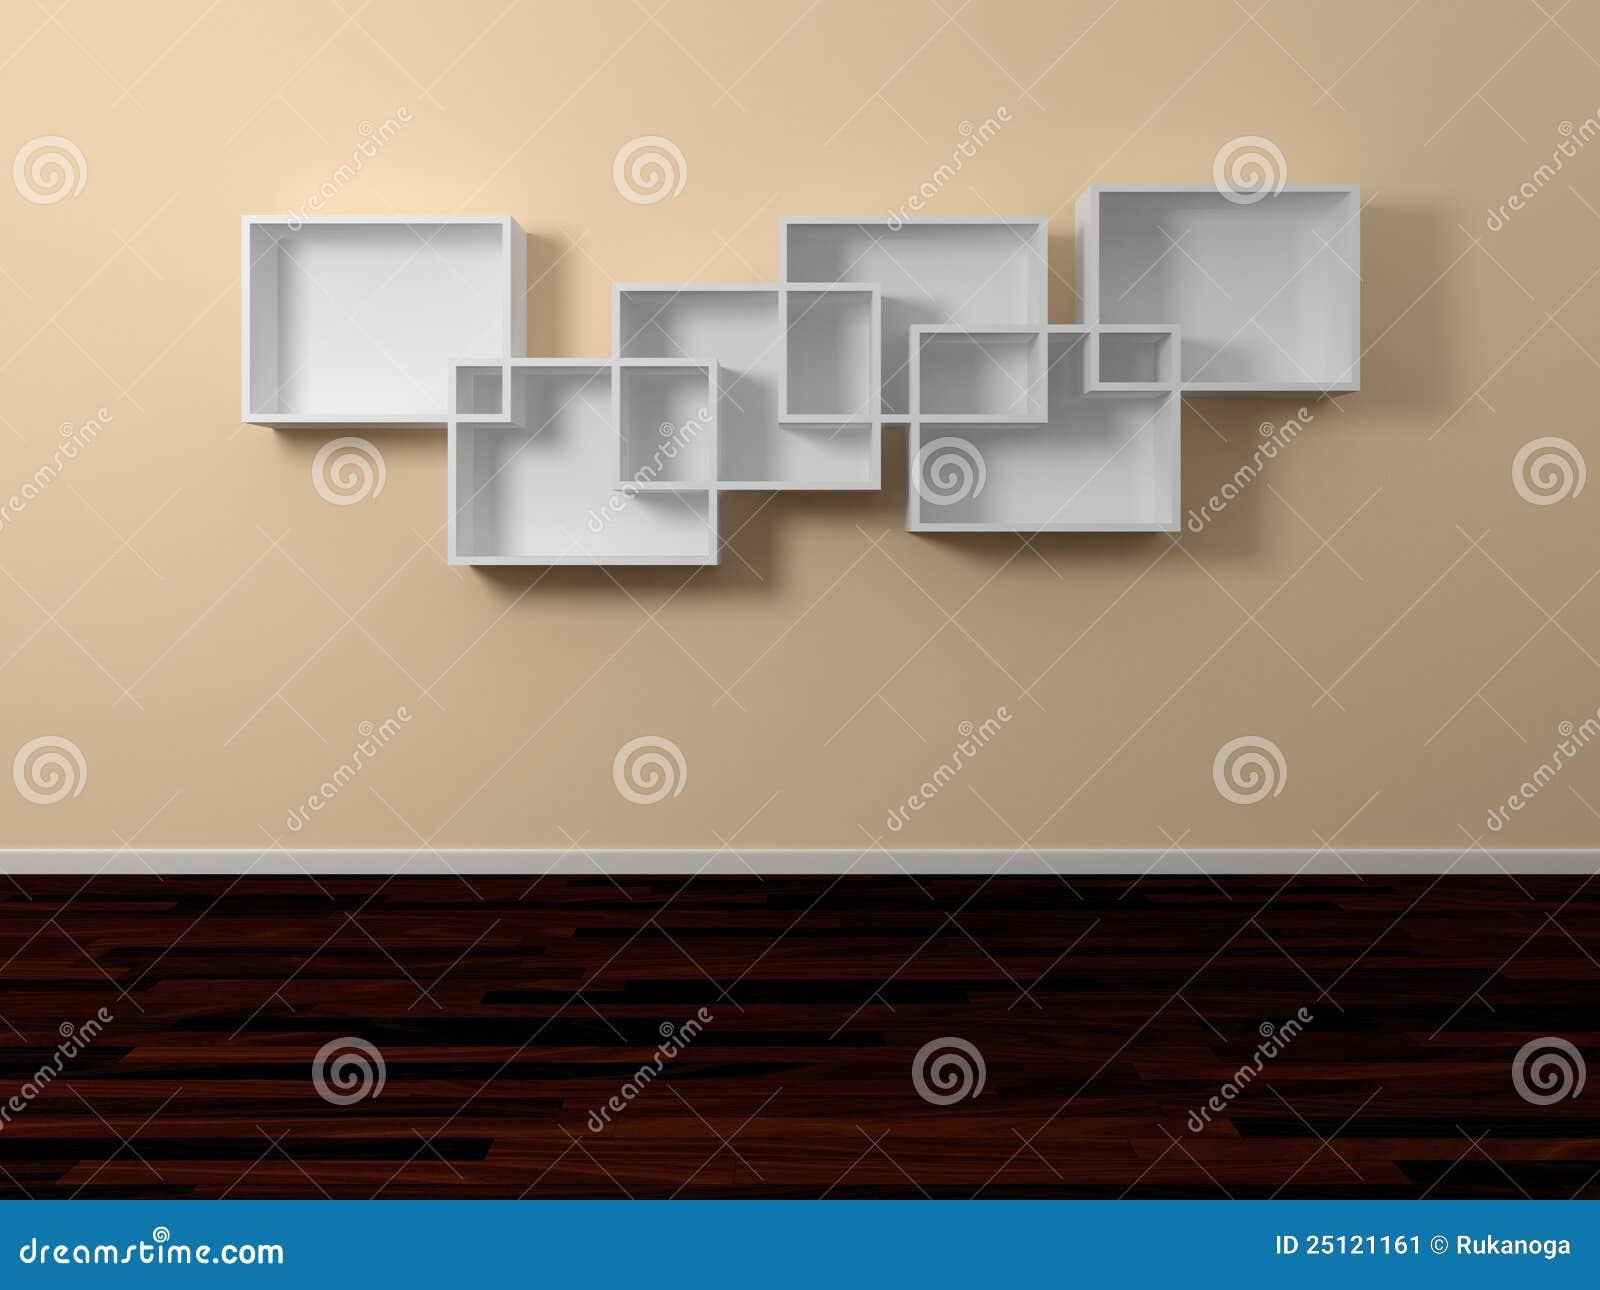 Mensole Moderne Foto Stock – 114 Mensole Moderne Immagini Stock E ...